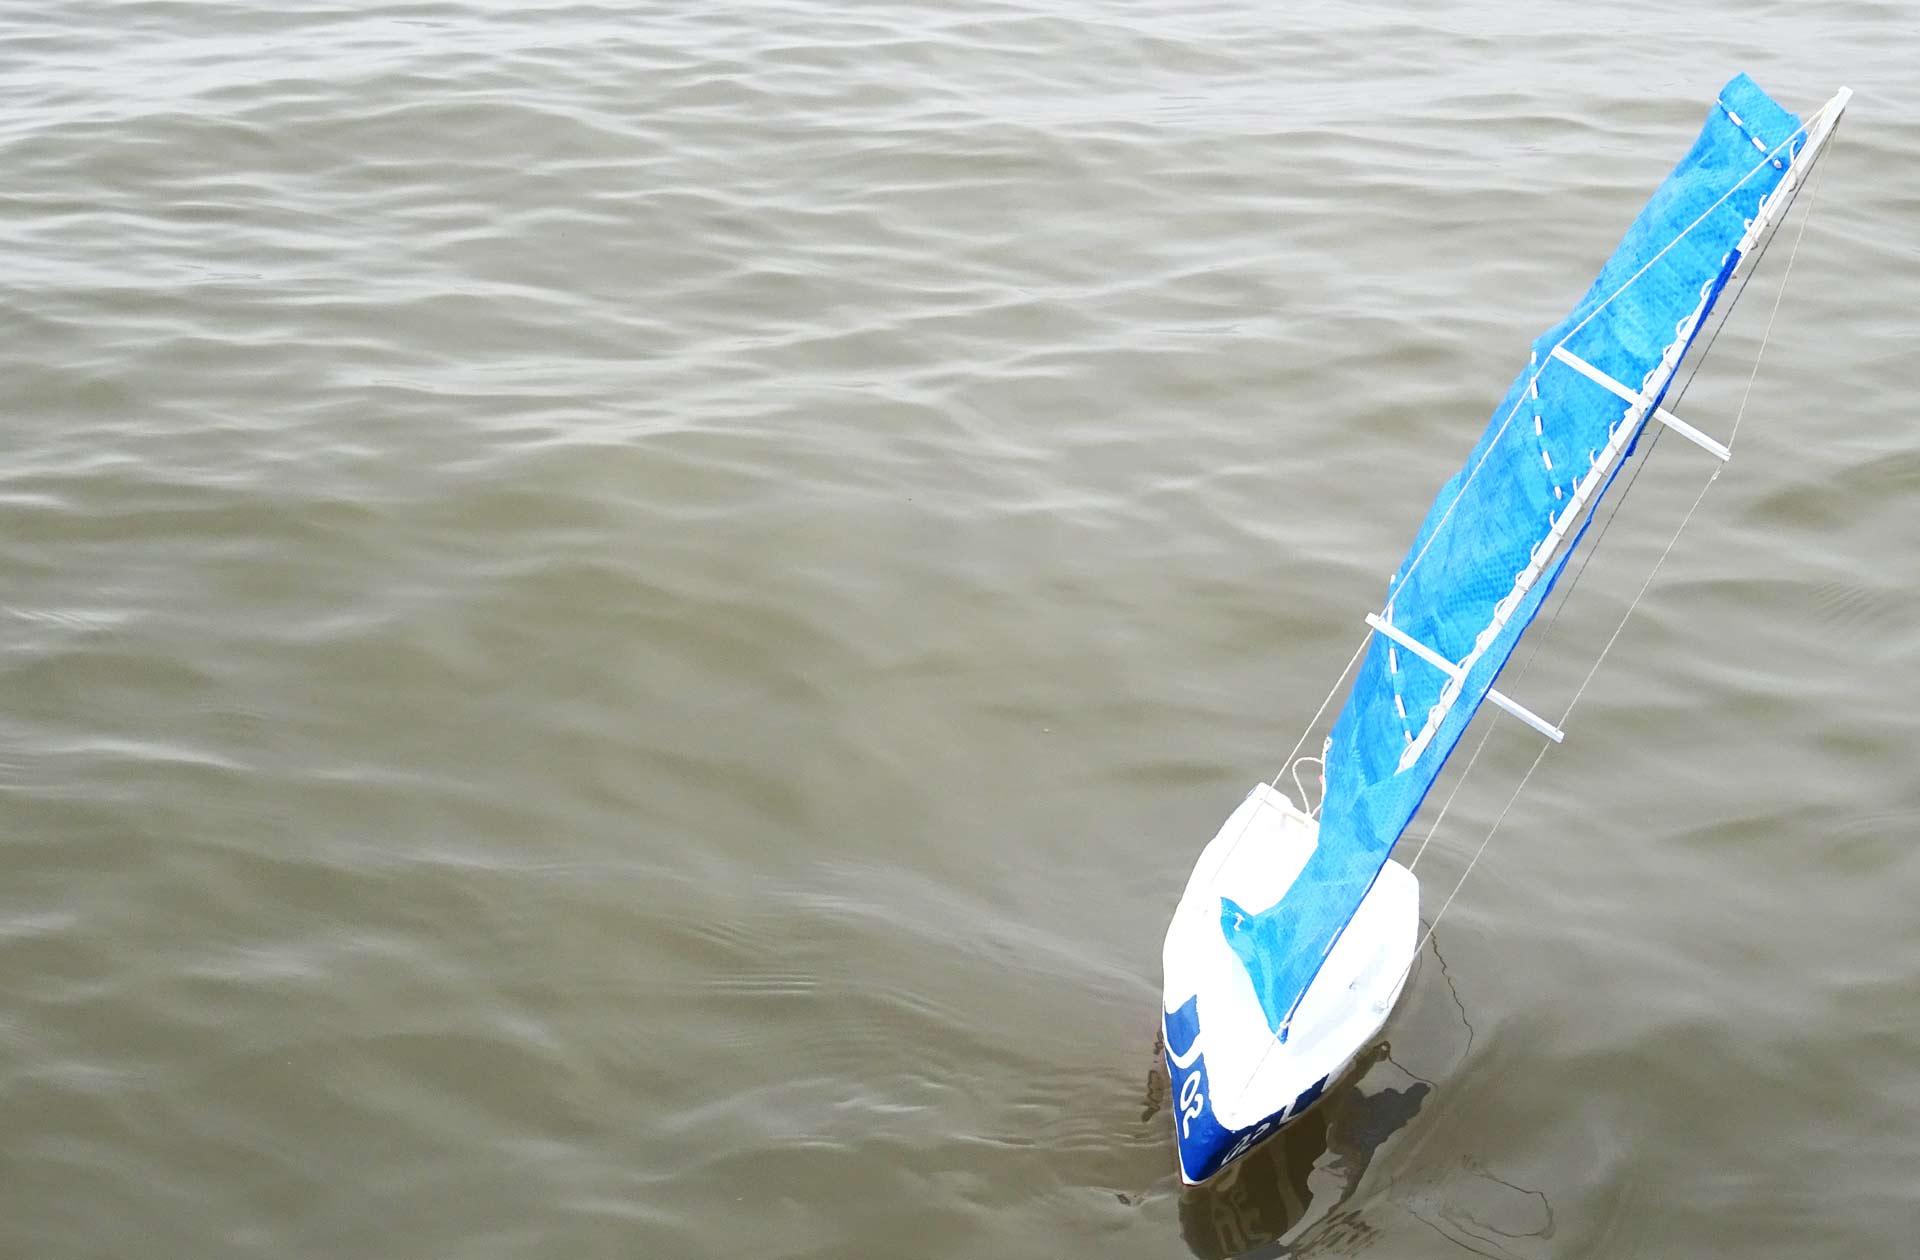 Sails aback!